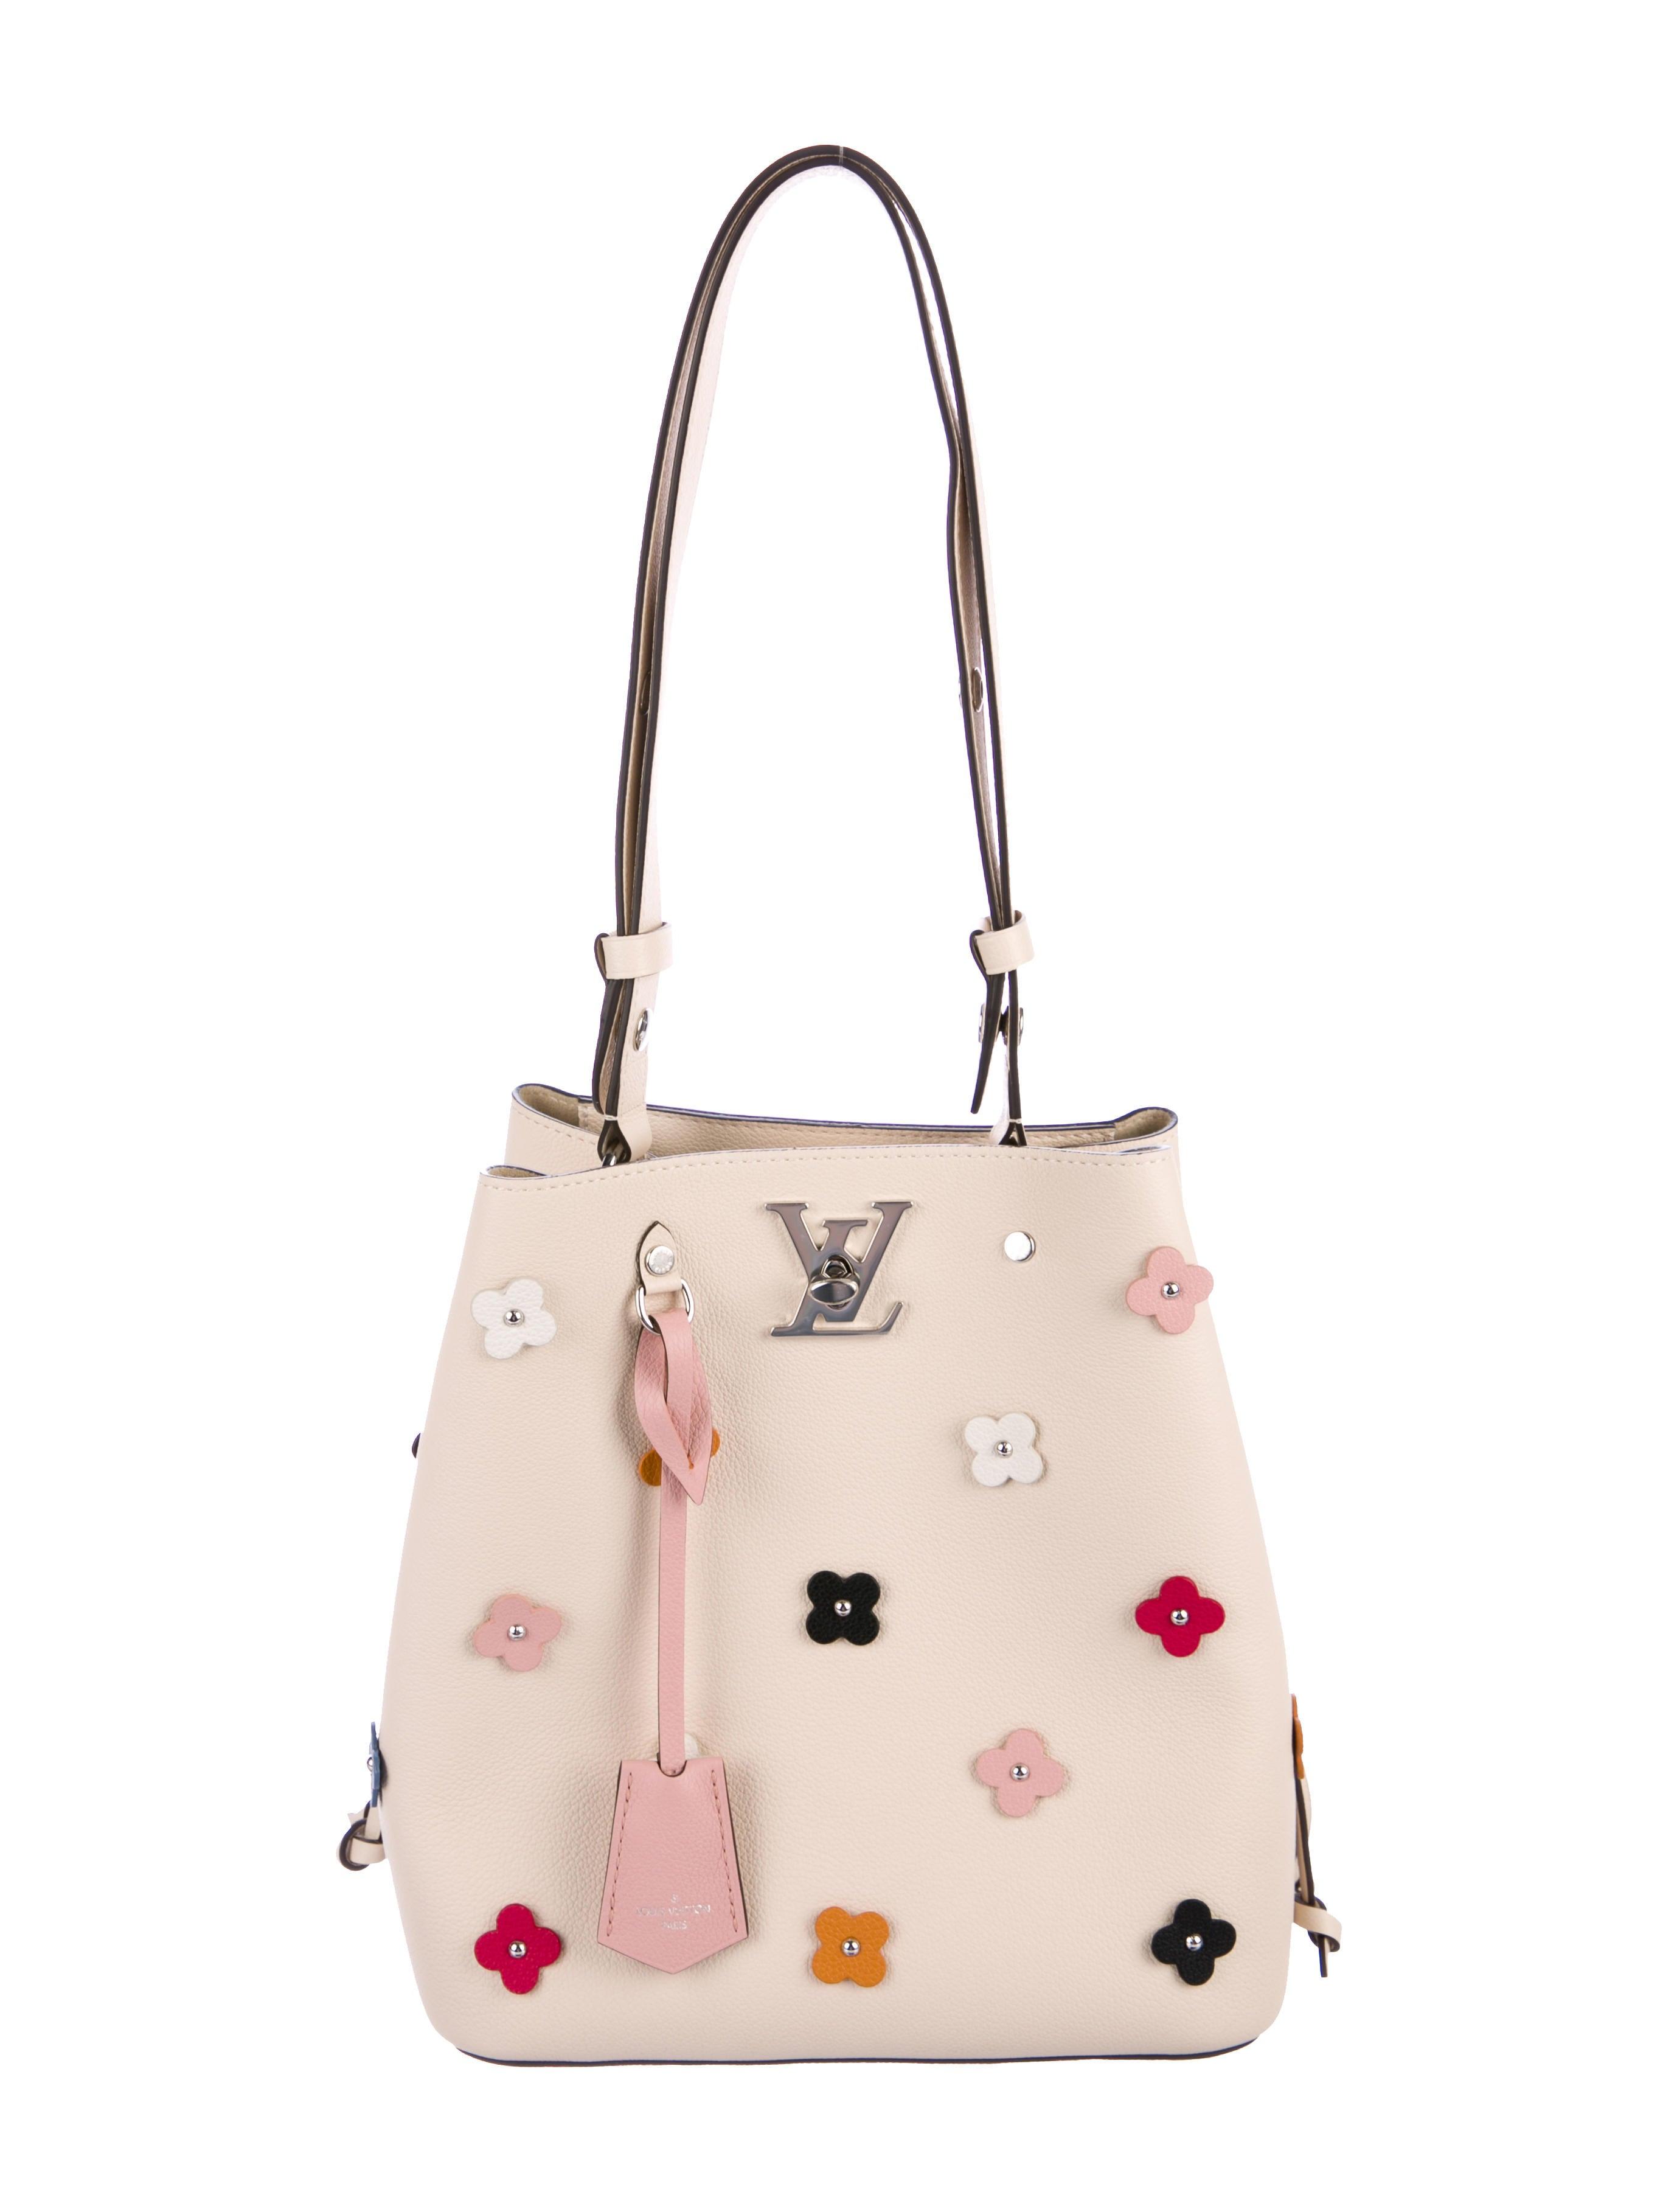 709ad3e4d9ed Louis Vuitton 2018 Lockme Bucket Bag - Handbags - LOU153573